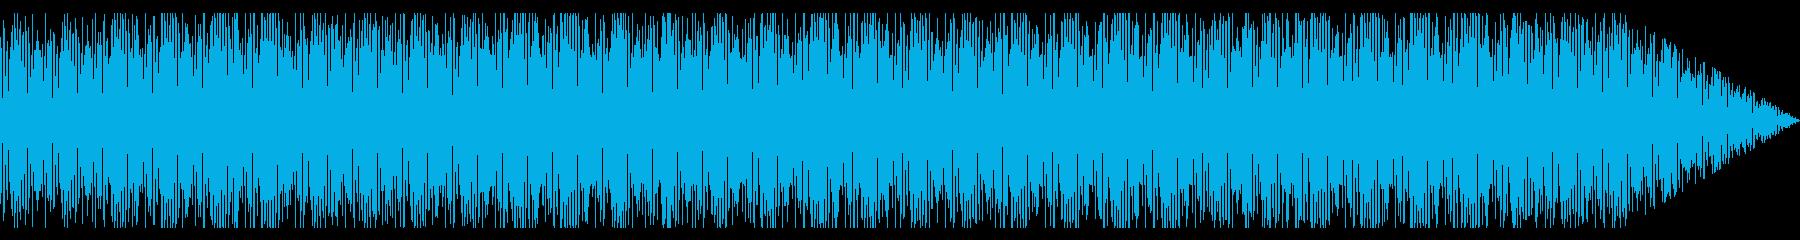 企業Vなどのバックに合うテクノ風曲の再生済みの波形